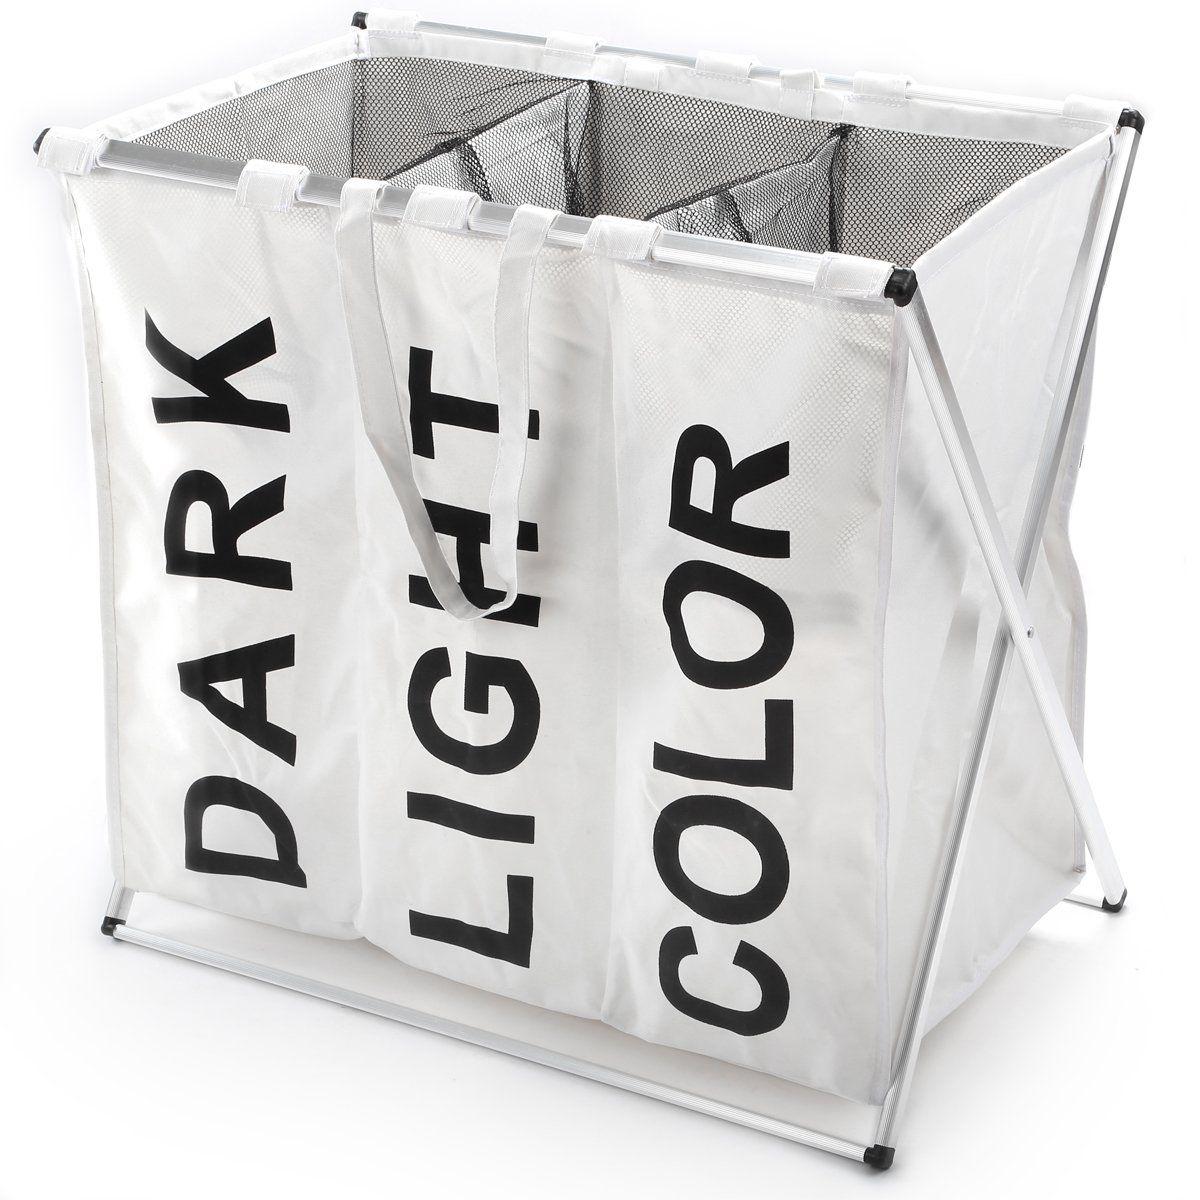 w schesammler w schekorb in 3 verschiedenen farben und 2 gr en mit einem fassungsverm gen von. Black Bedroom Furniture Sets. Home Design Ideas